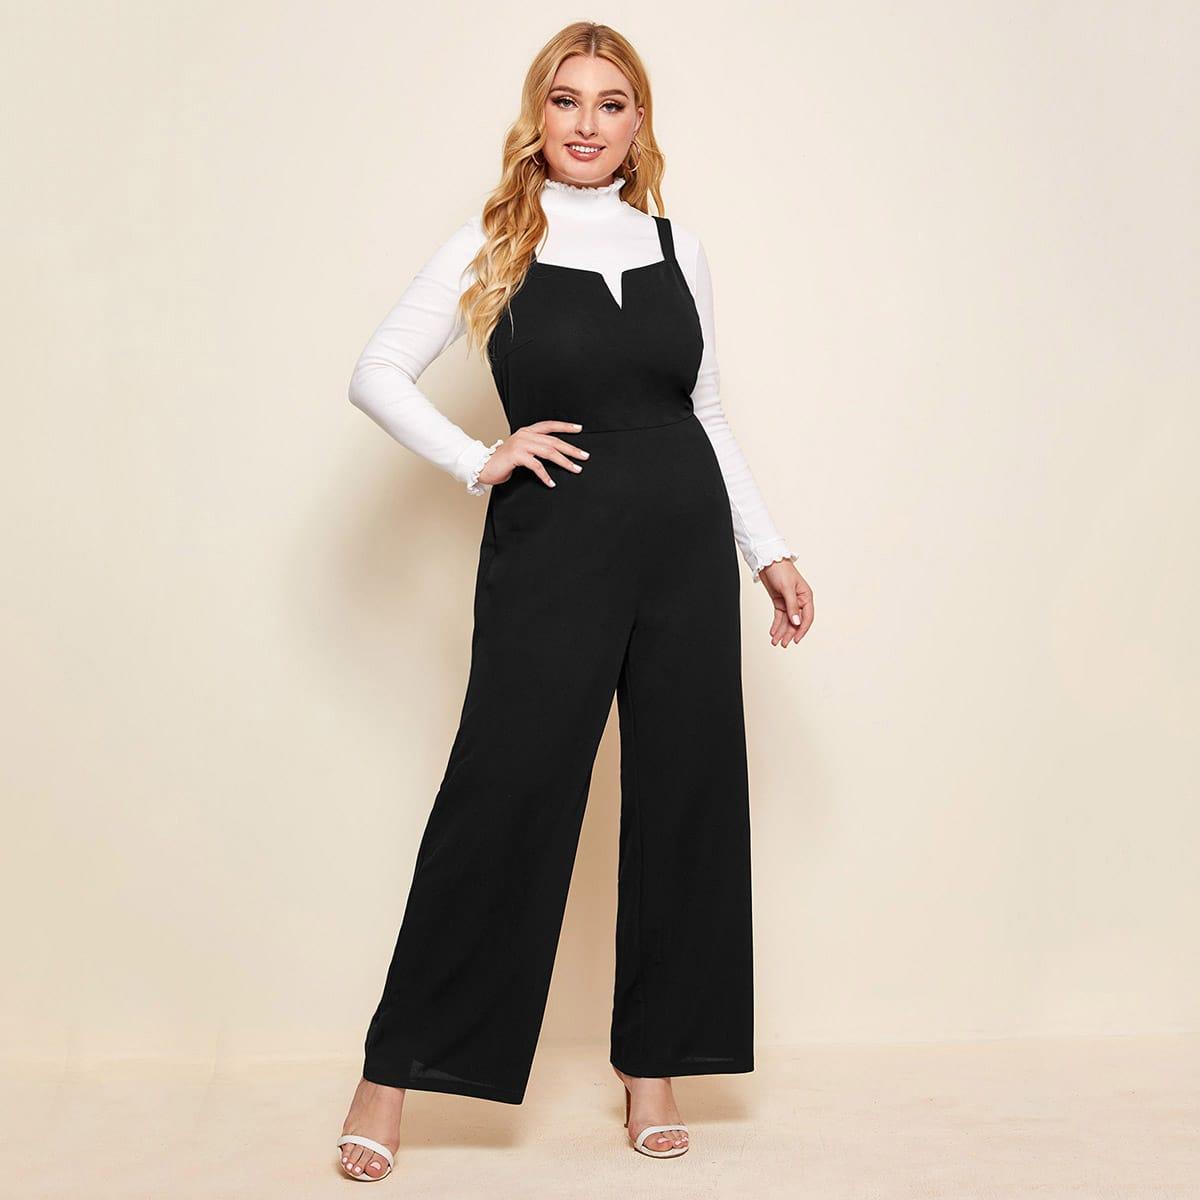 SHEIN / Overall Jumpsuit mit hoher Taille und breitem Beinschnitt